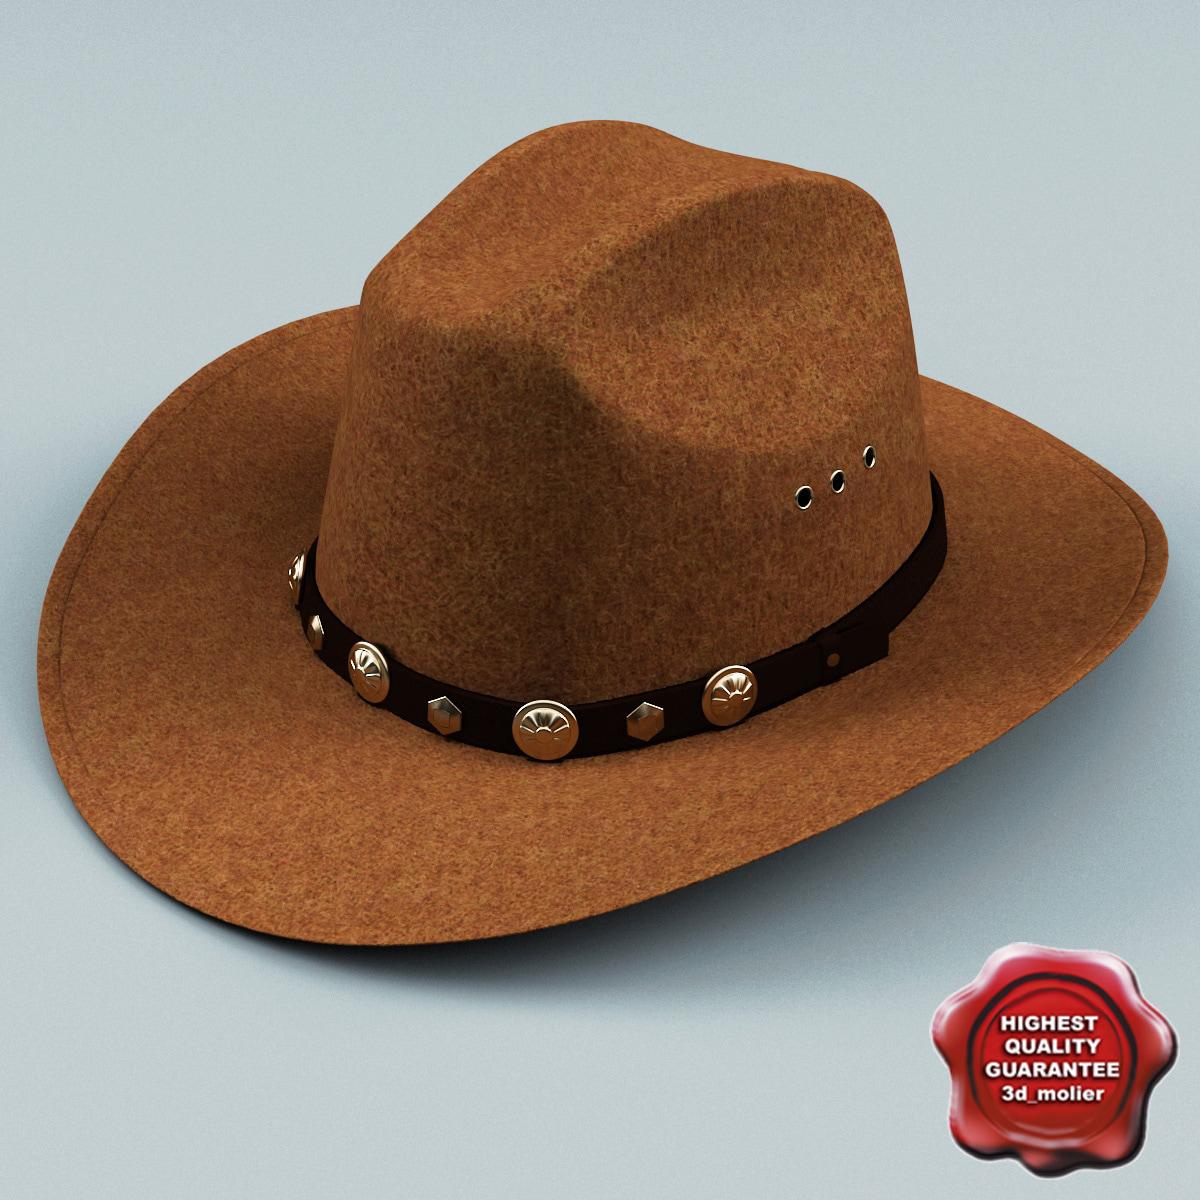 3d model of cowboy hat v2